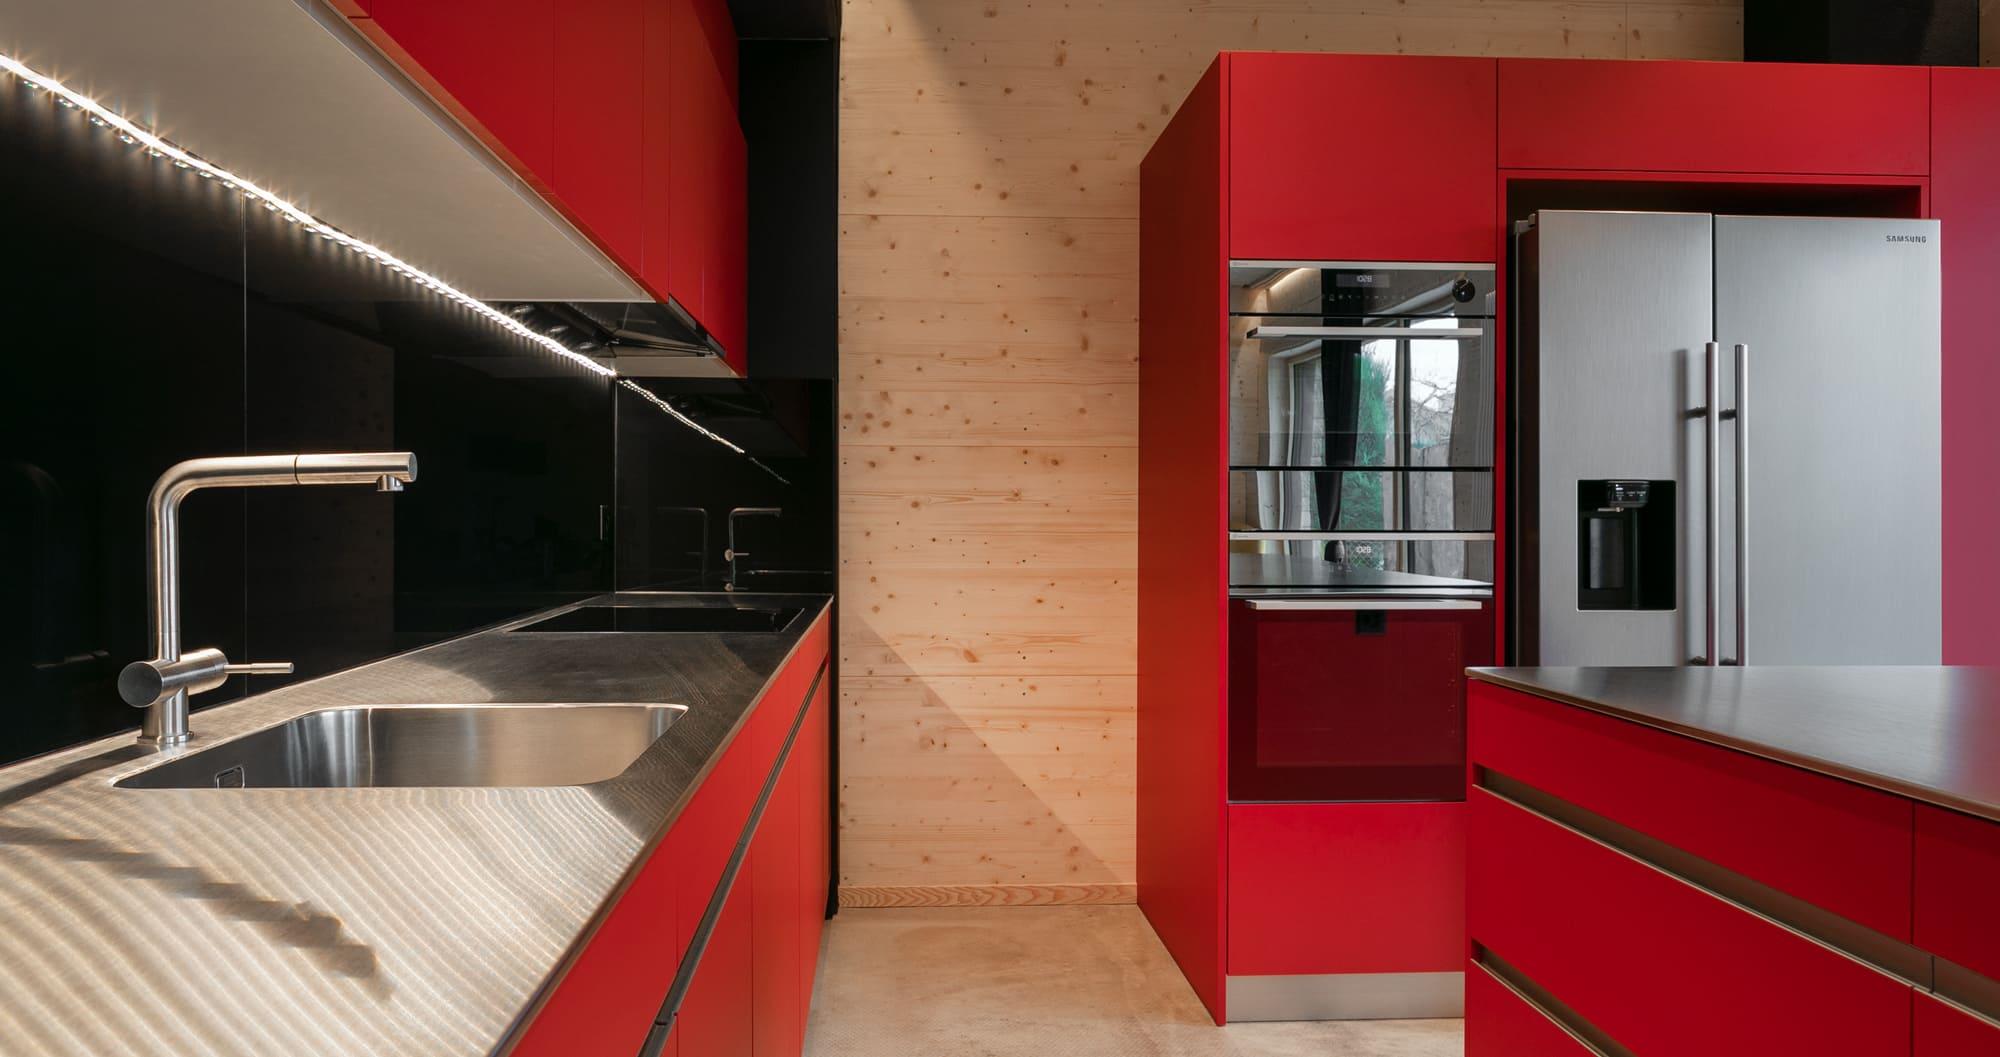 Küche in einer Fabrik rot Gyger Küchen GmbH